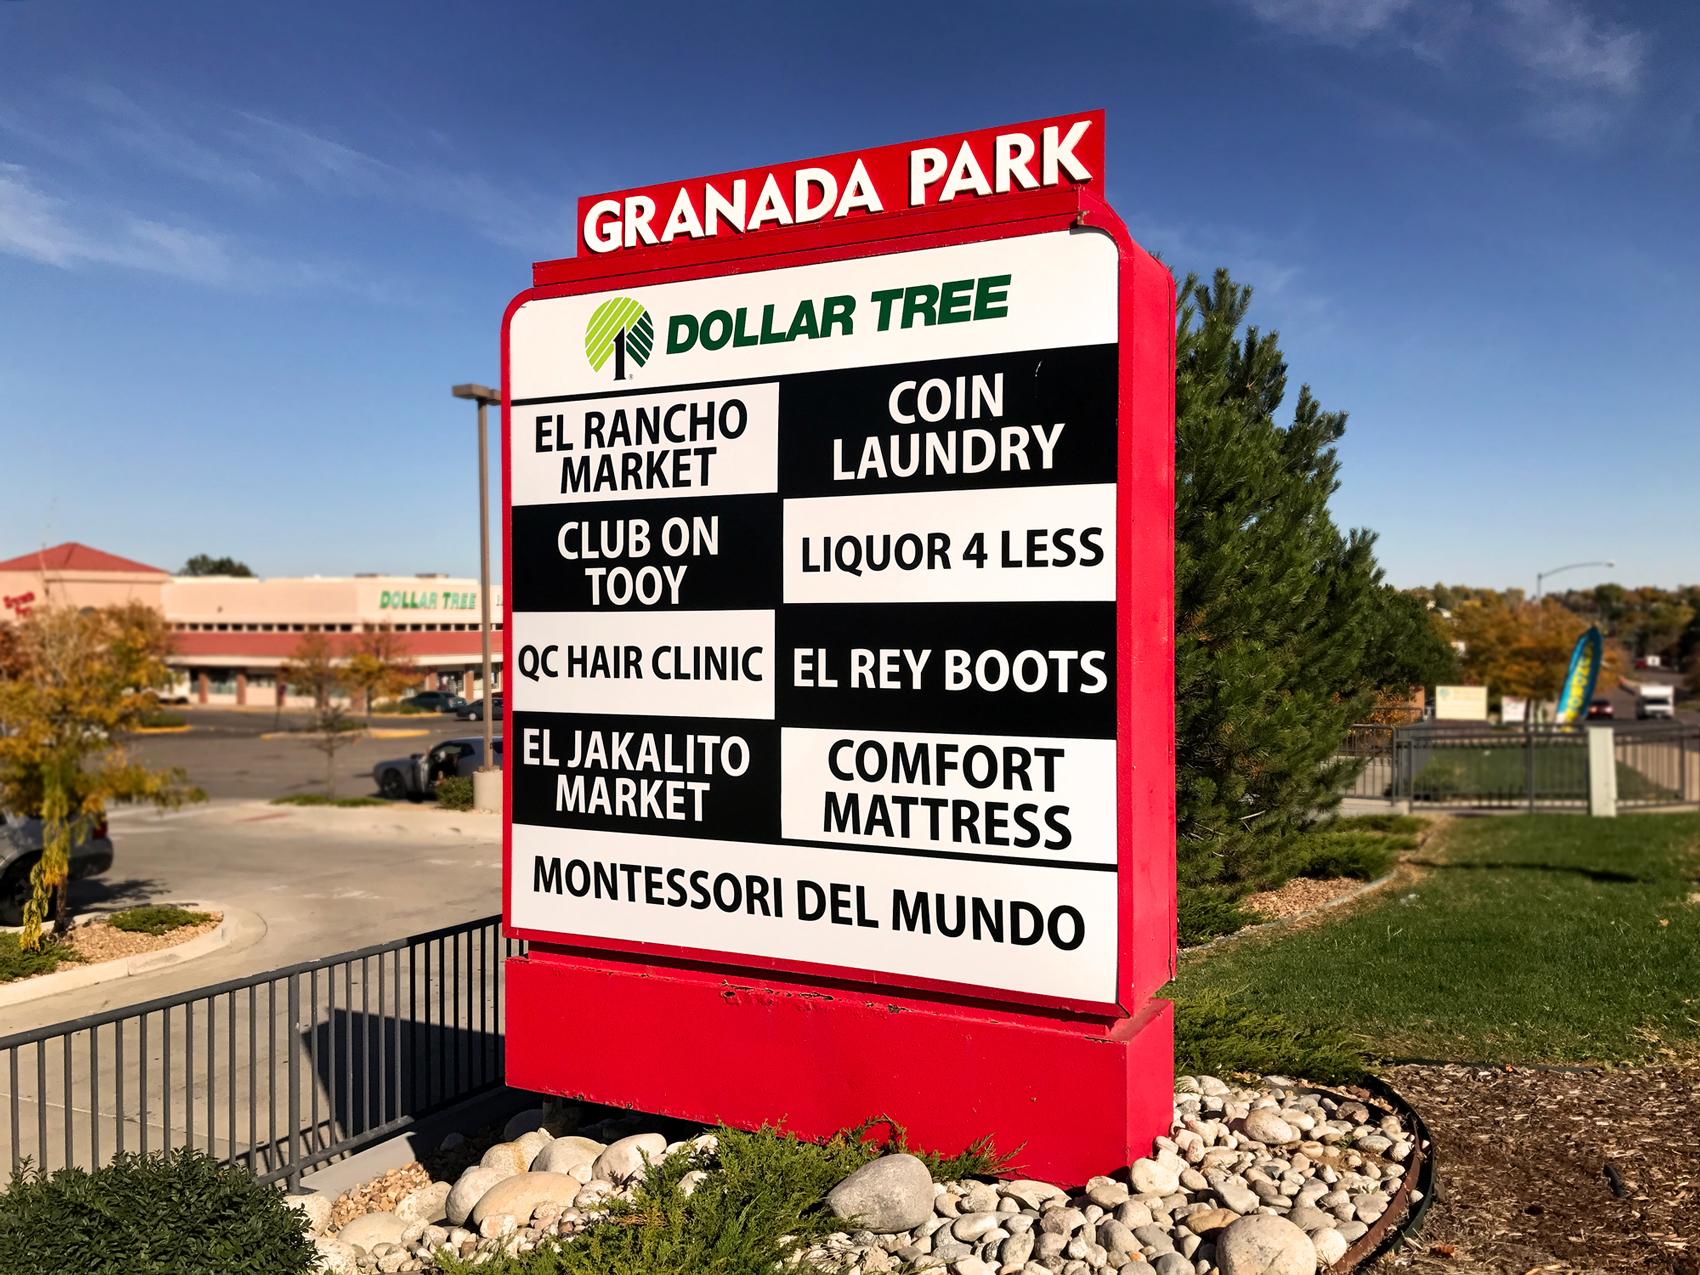 granada park monument sign